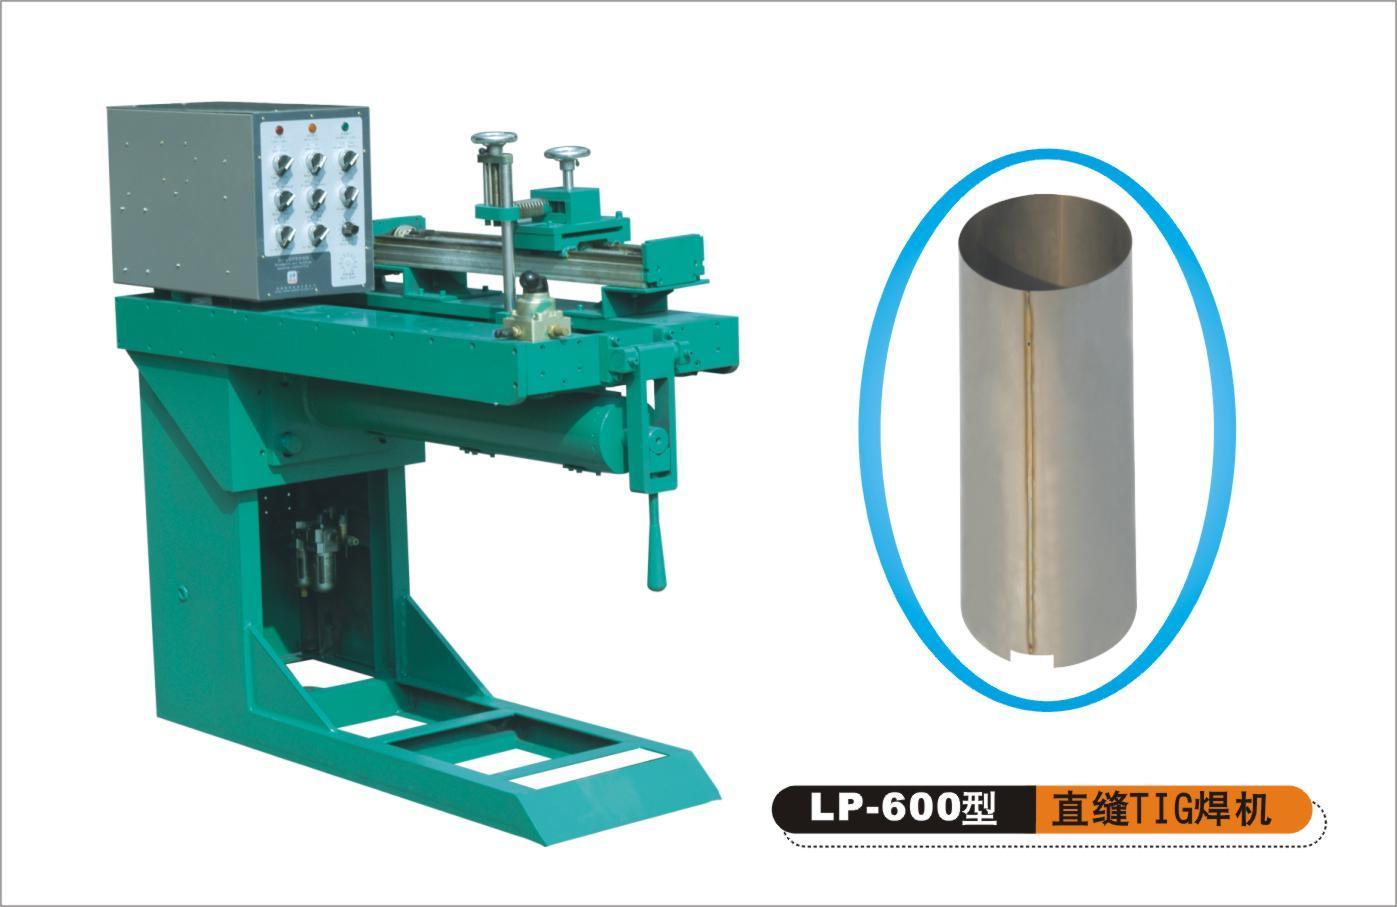 环缝焊机视频_纵缝自动焊机自动氩弧焊机环缝自动焊机_焊接切割栏目_机电之